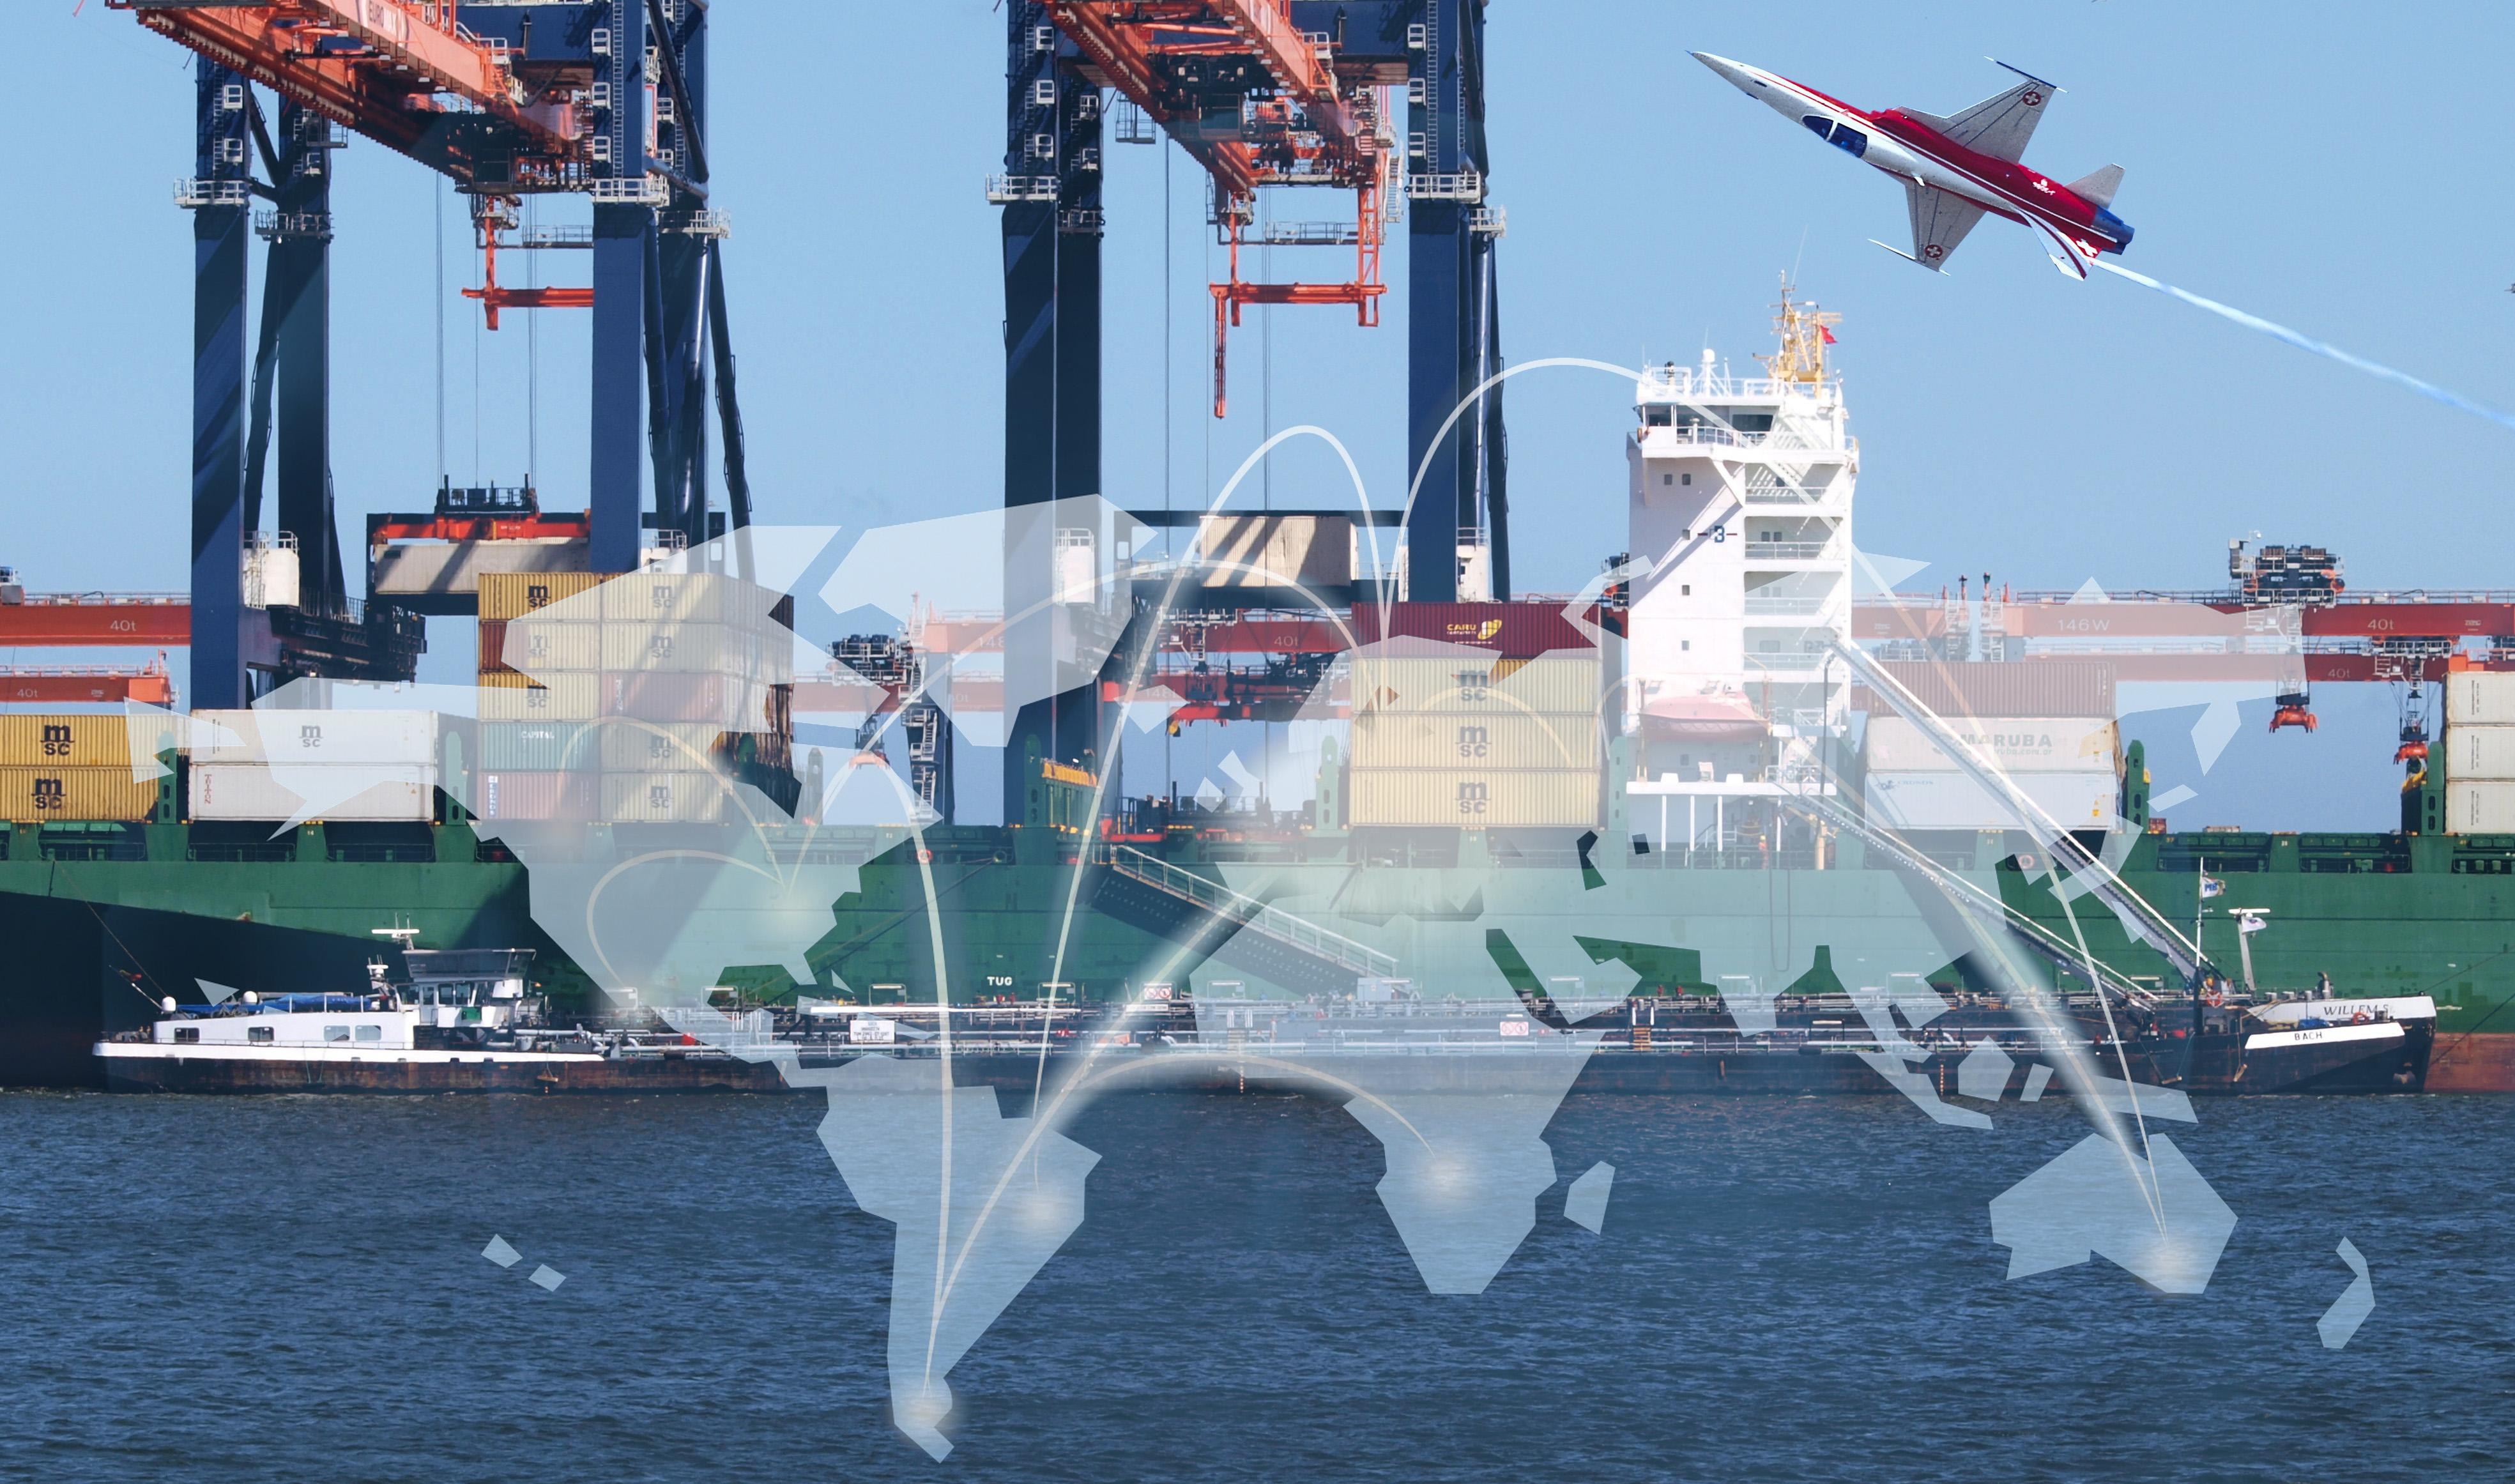 全球贸易放缓 件杂货航运市场前景蒙阴影